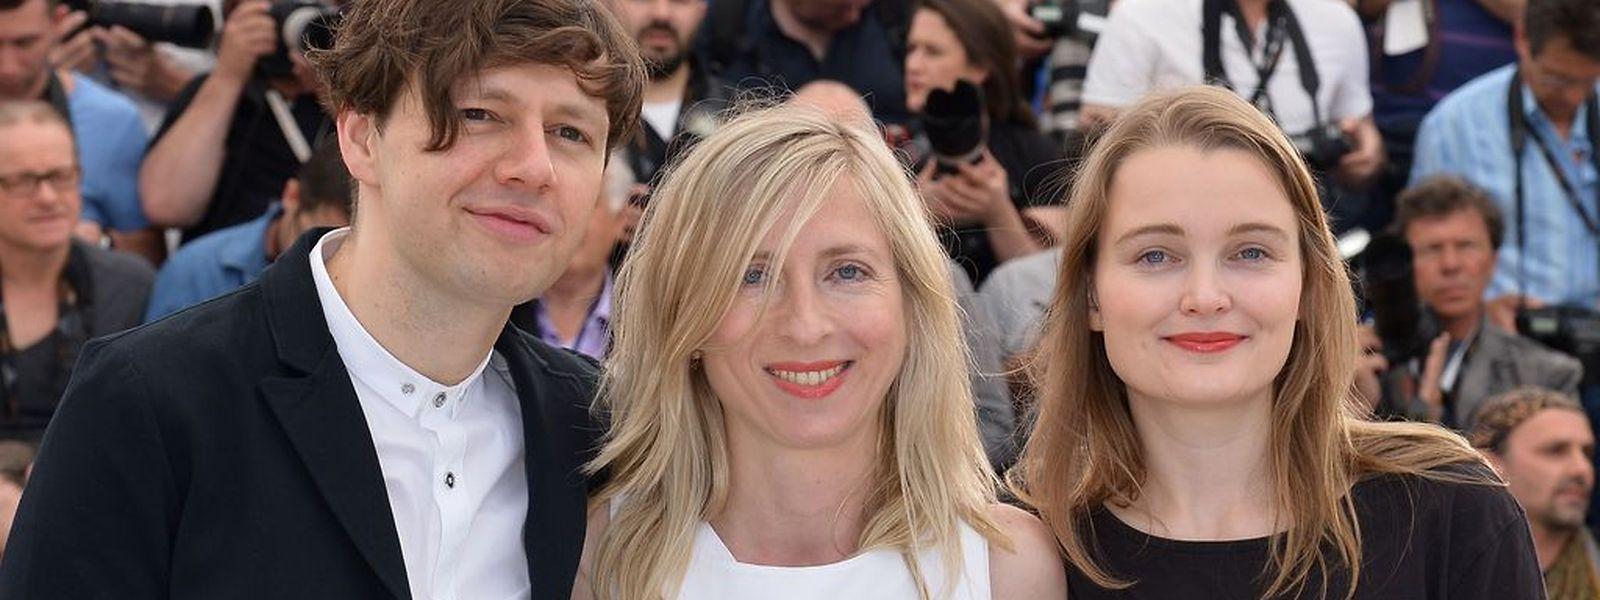 """L'acteur allemand Christian Friedel, la réalisatrice autrichienne Jessica Hausner  et l'actrice allemande Birte Schnoink lors du Photocall de """"Amour Fou"""" à Cannes."""